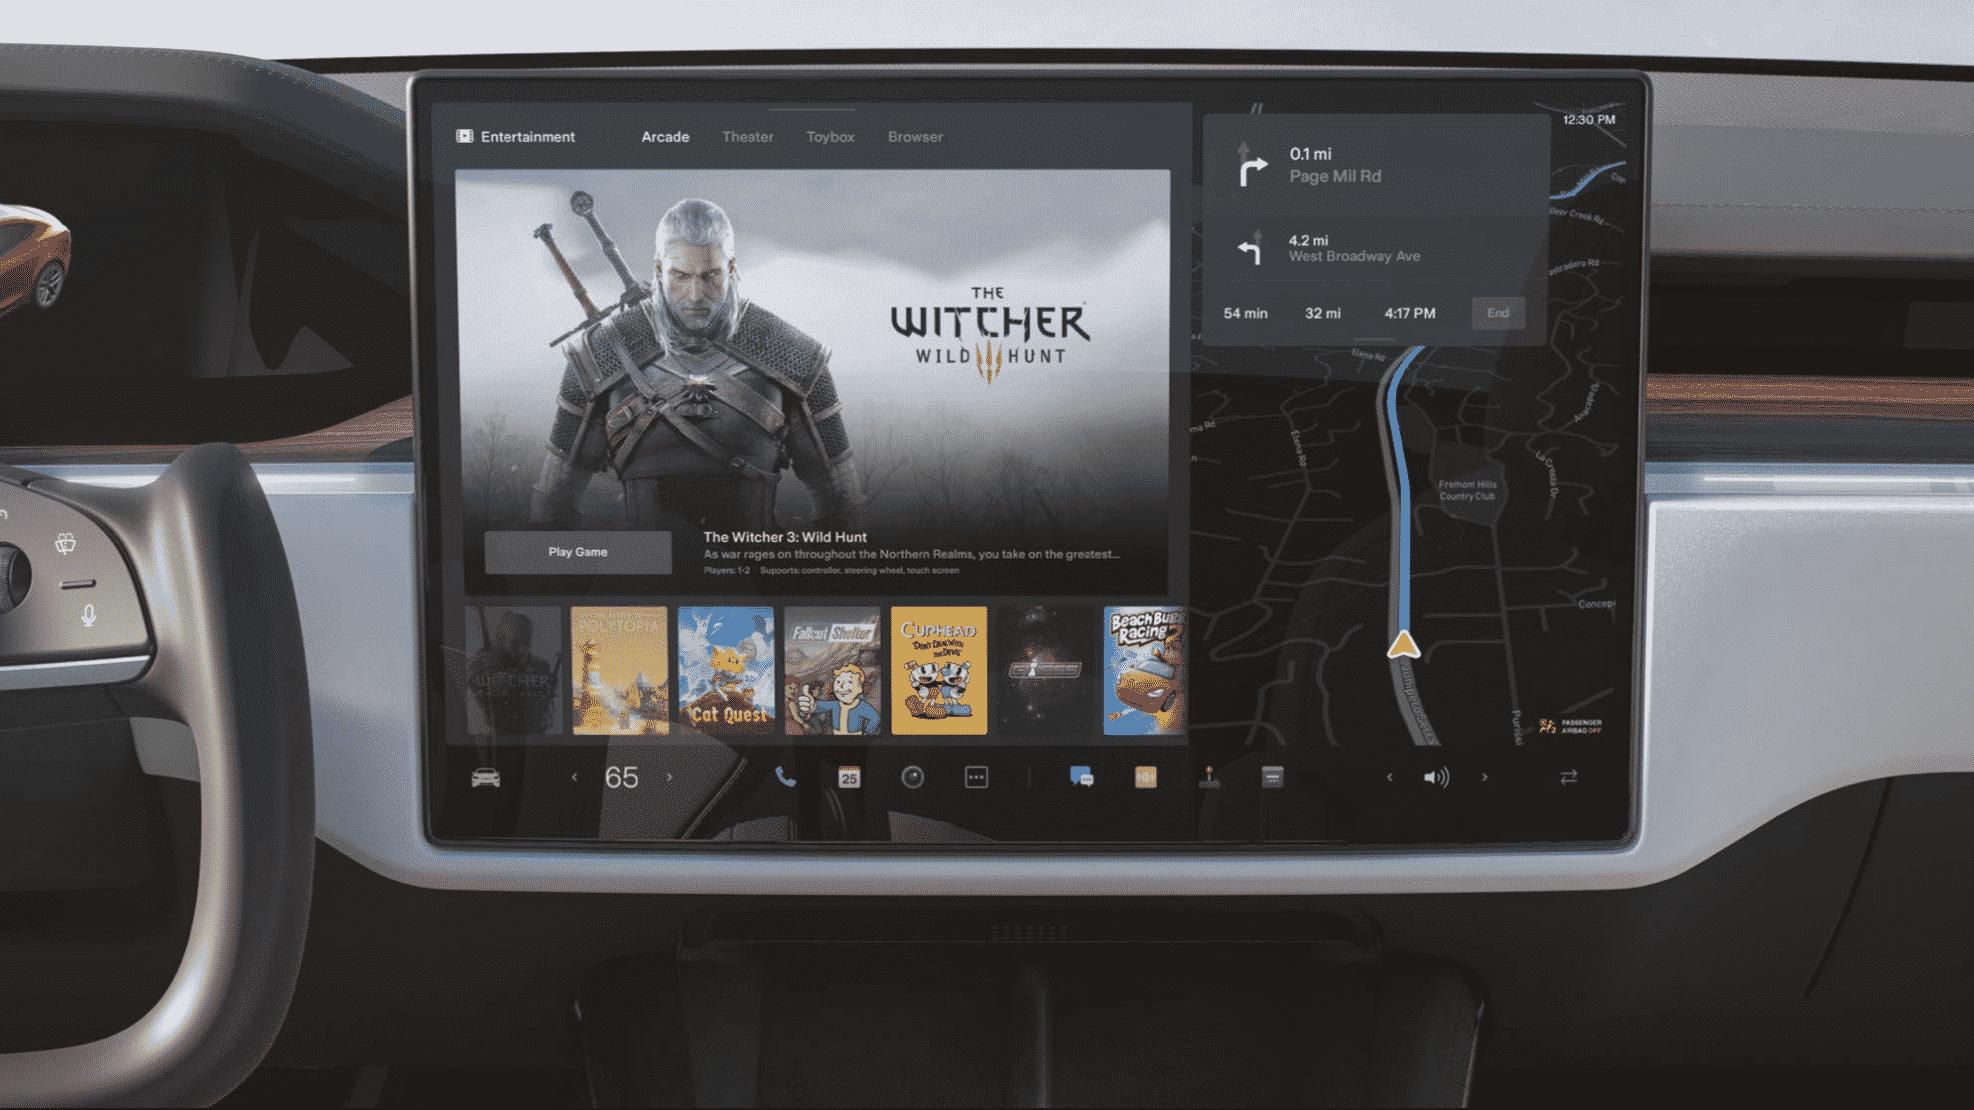 La pantalla táctil en el coche.